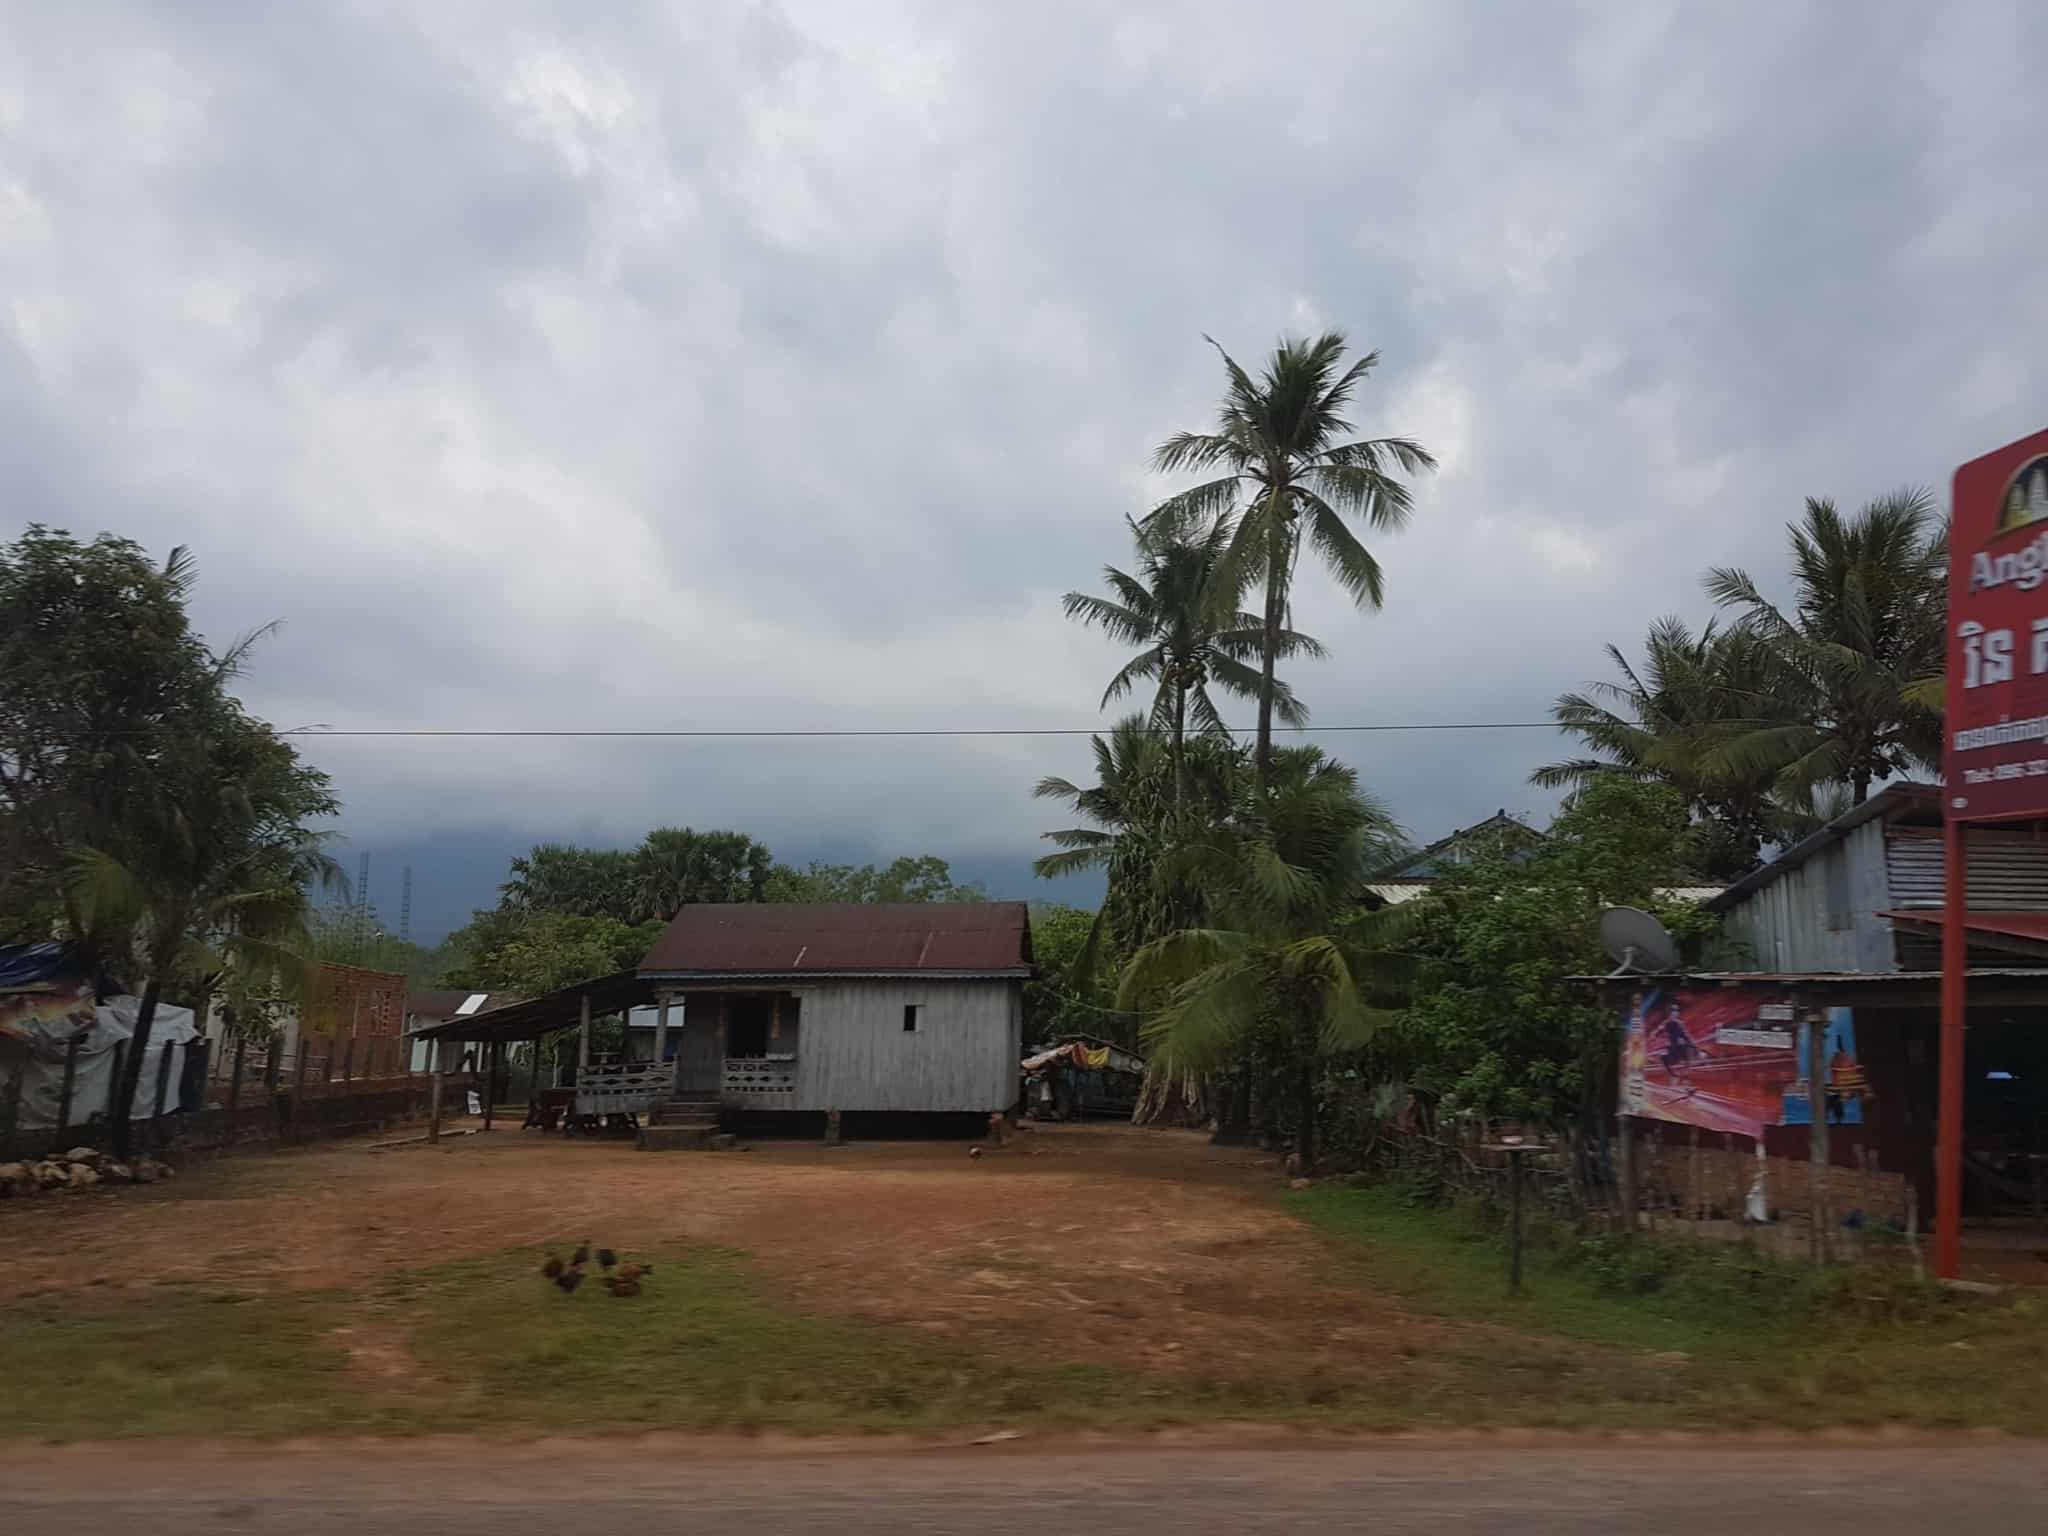 Cambodge, la douceur de vivre de Kampot 😊 2